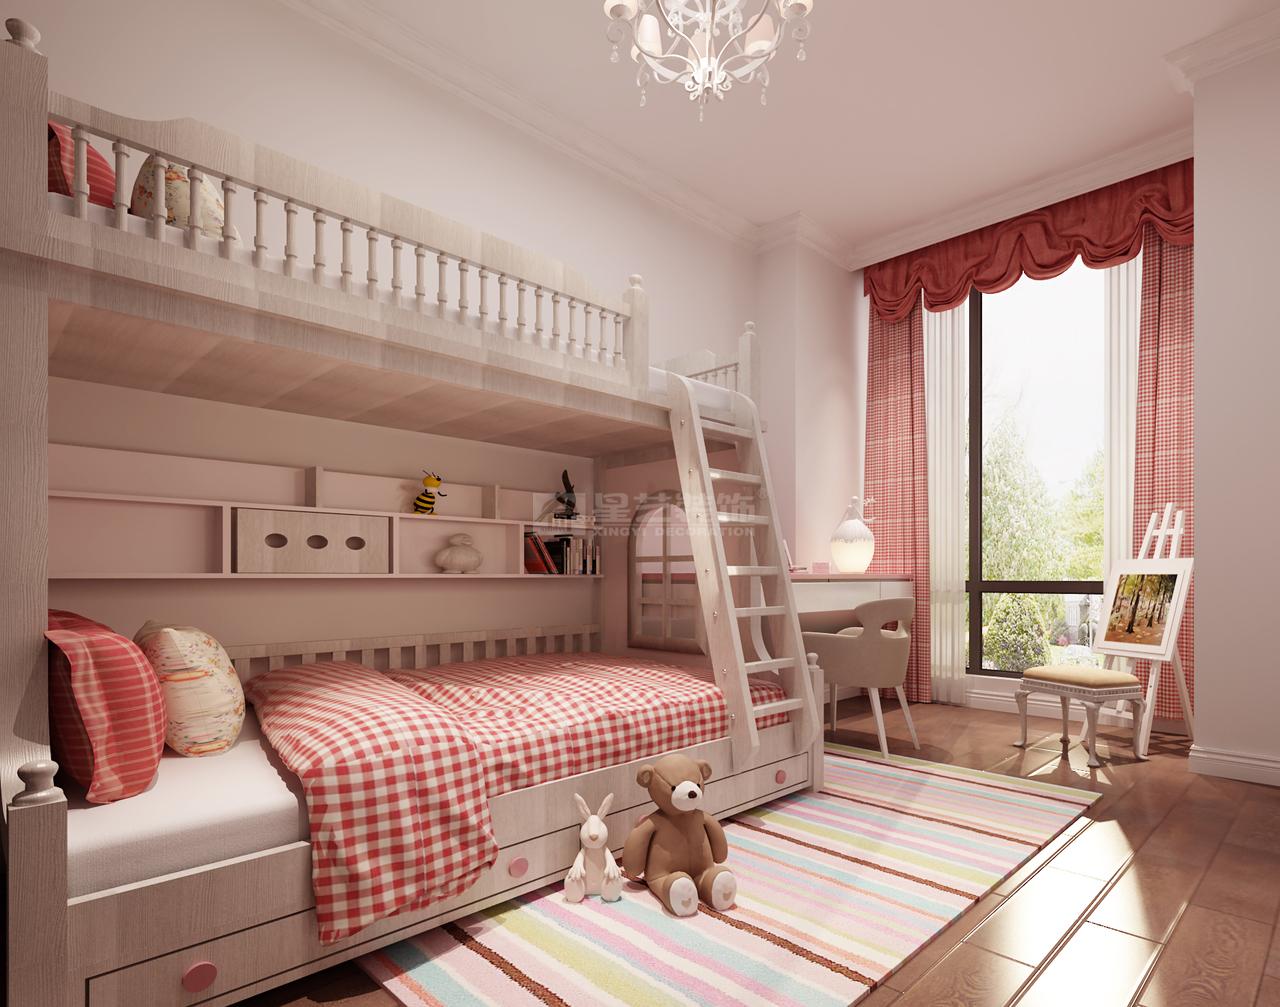 金阳新世界翡翠山D,美式,一居室,0.0㎡